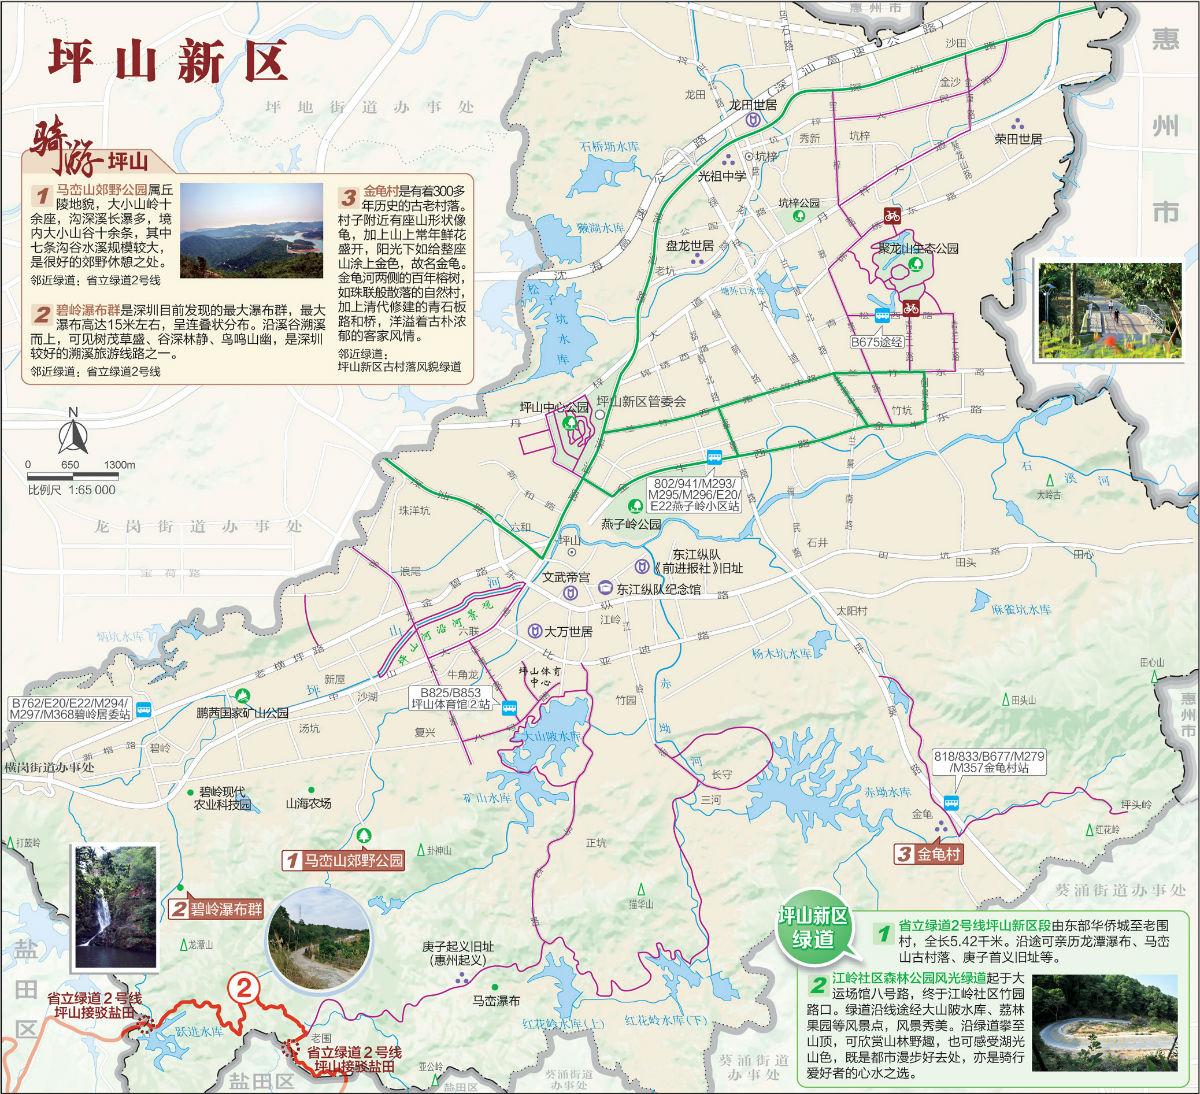 深圳绿道地图正式发布